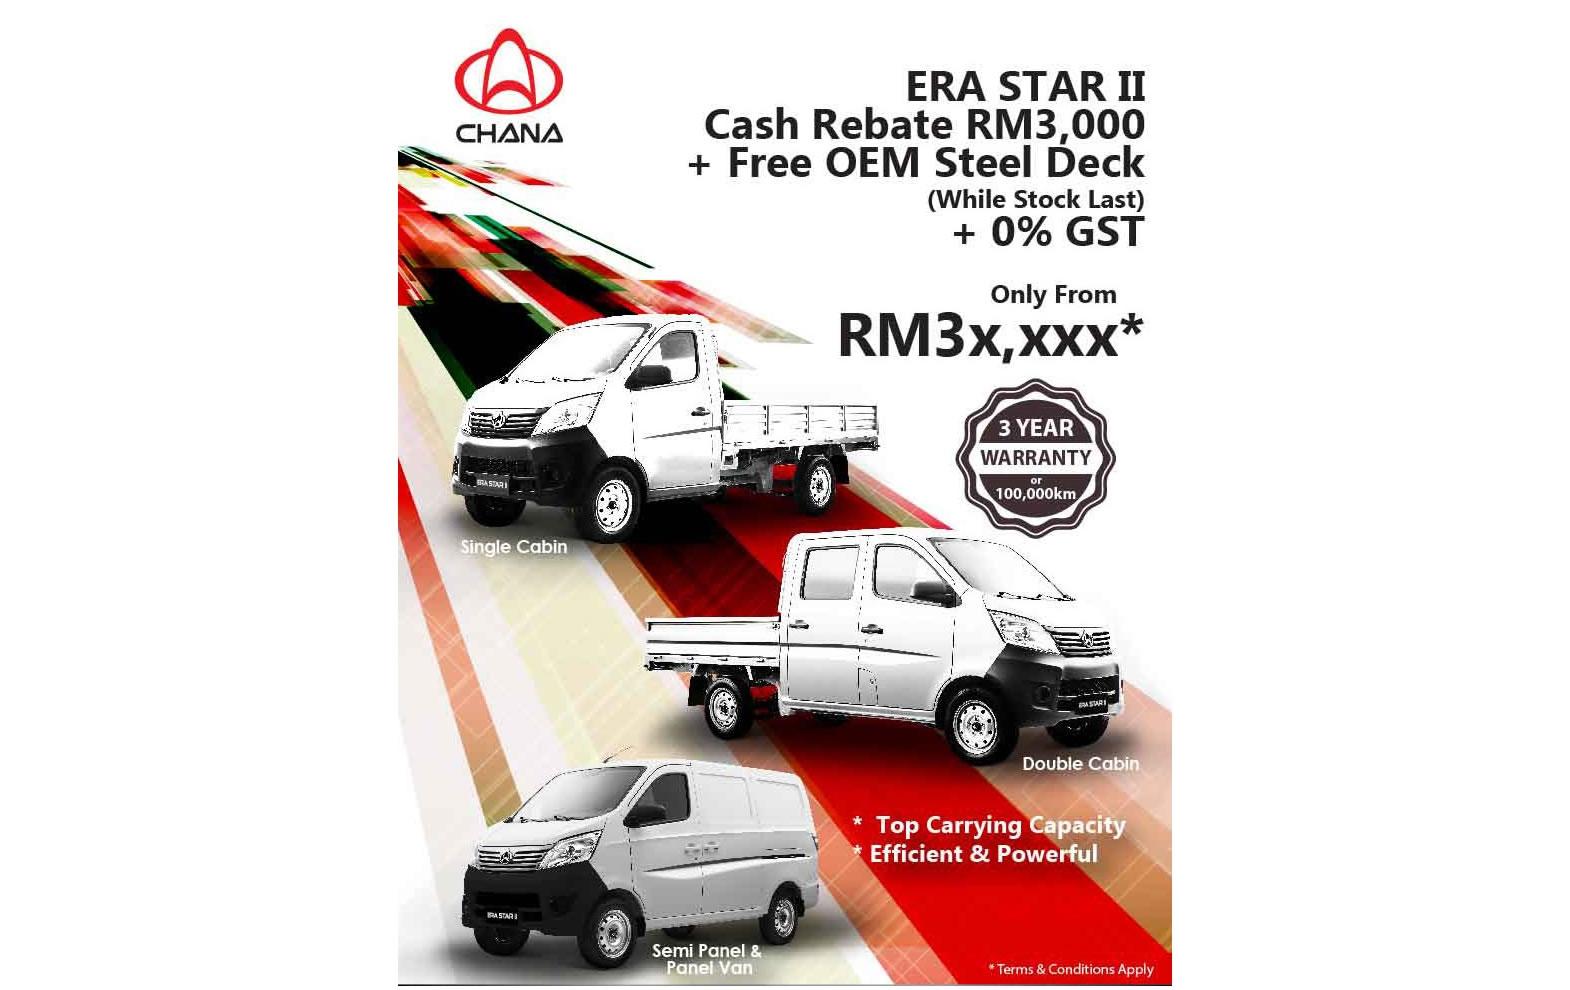 Era Star II Cash Rebate